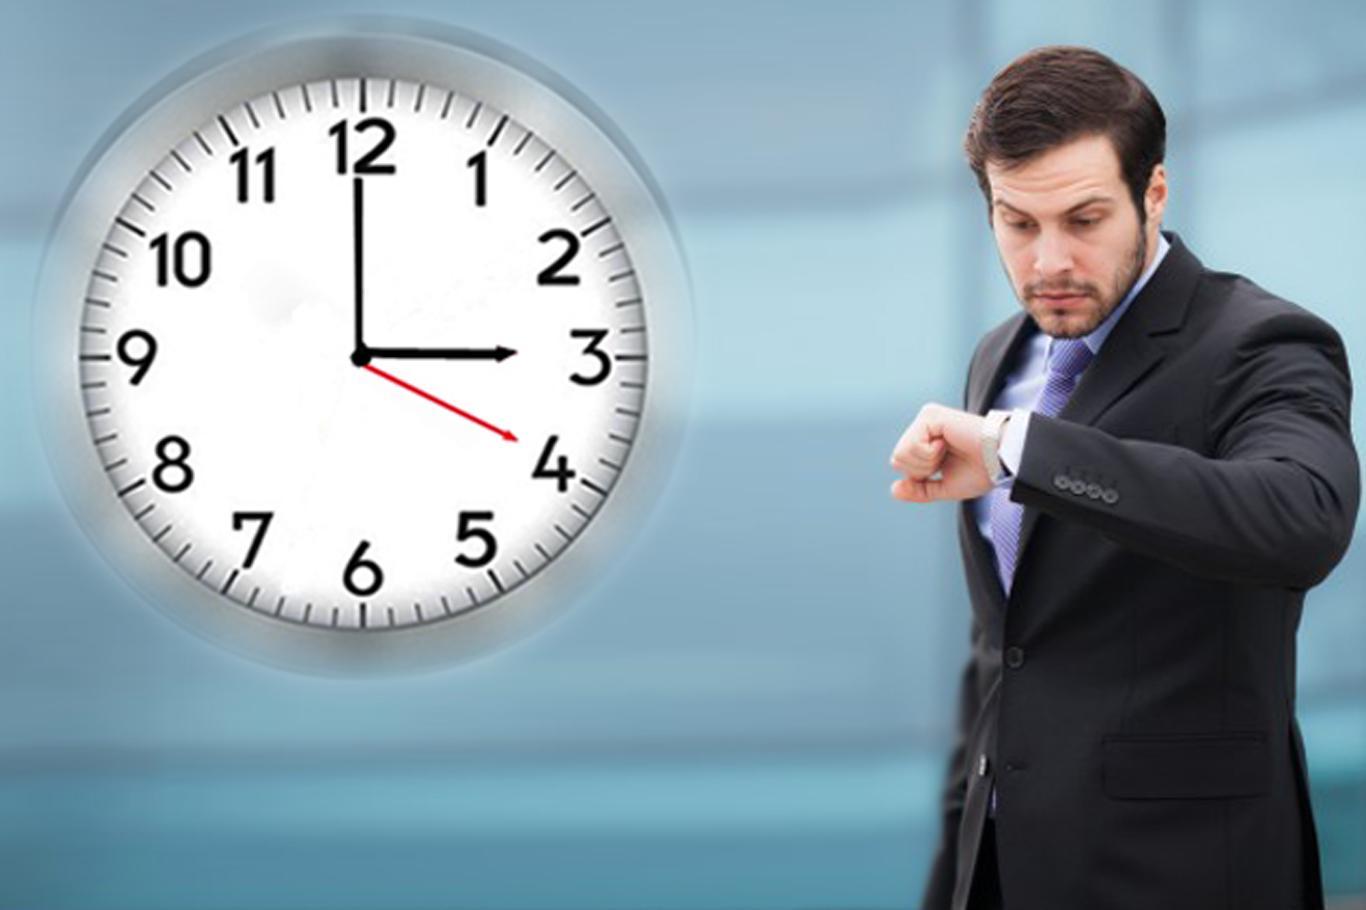 Dikkat, Saatler ileri alınıyor! saatler ne zaman ileri alınacak?